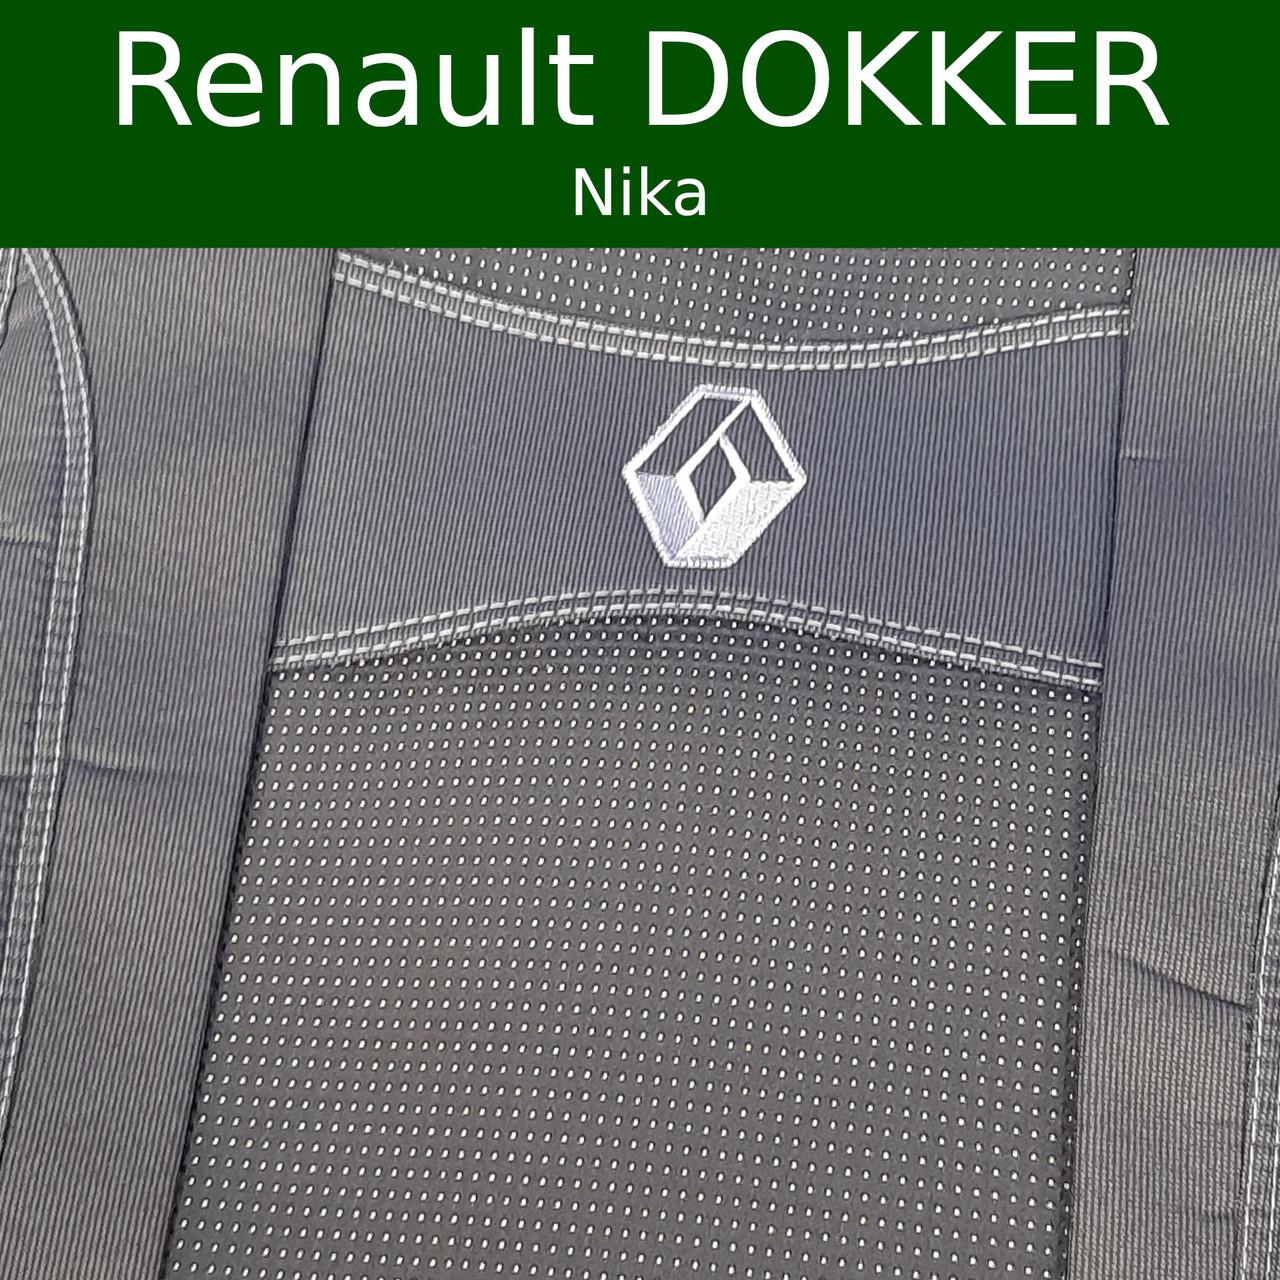 Чехлы на сиденья для Renault Dokker (Nika)